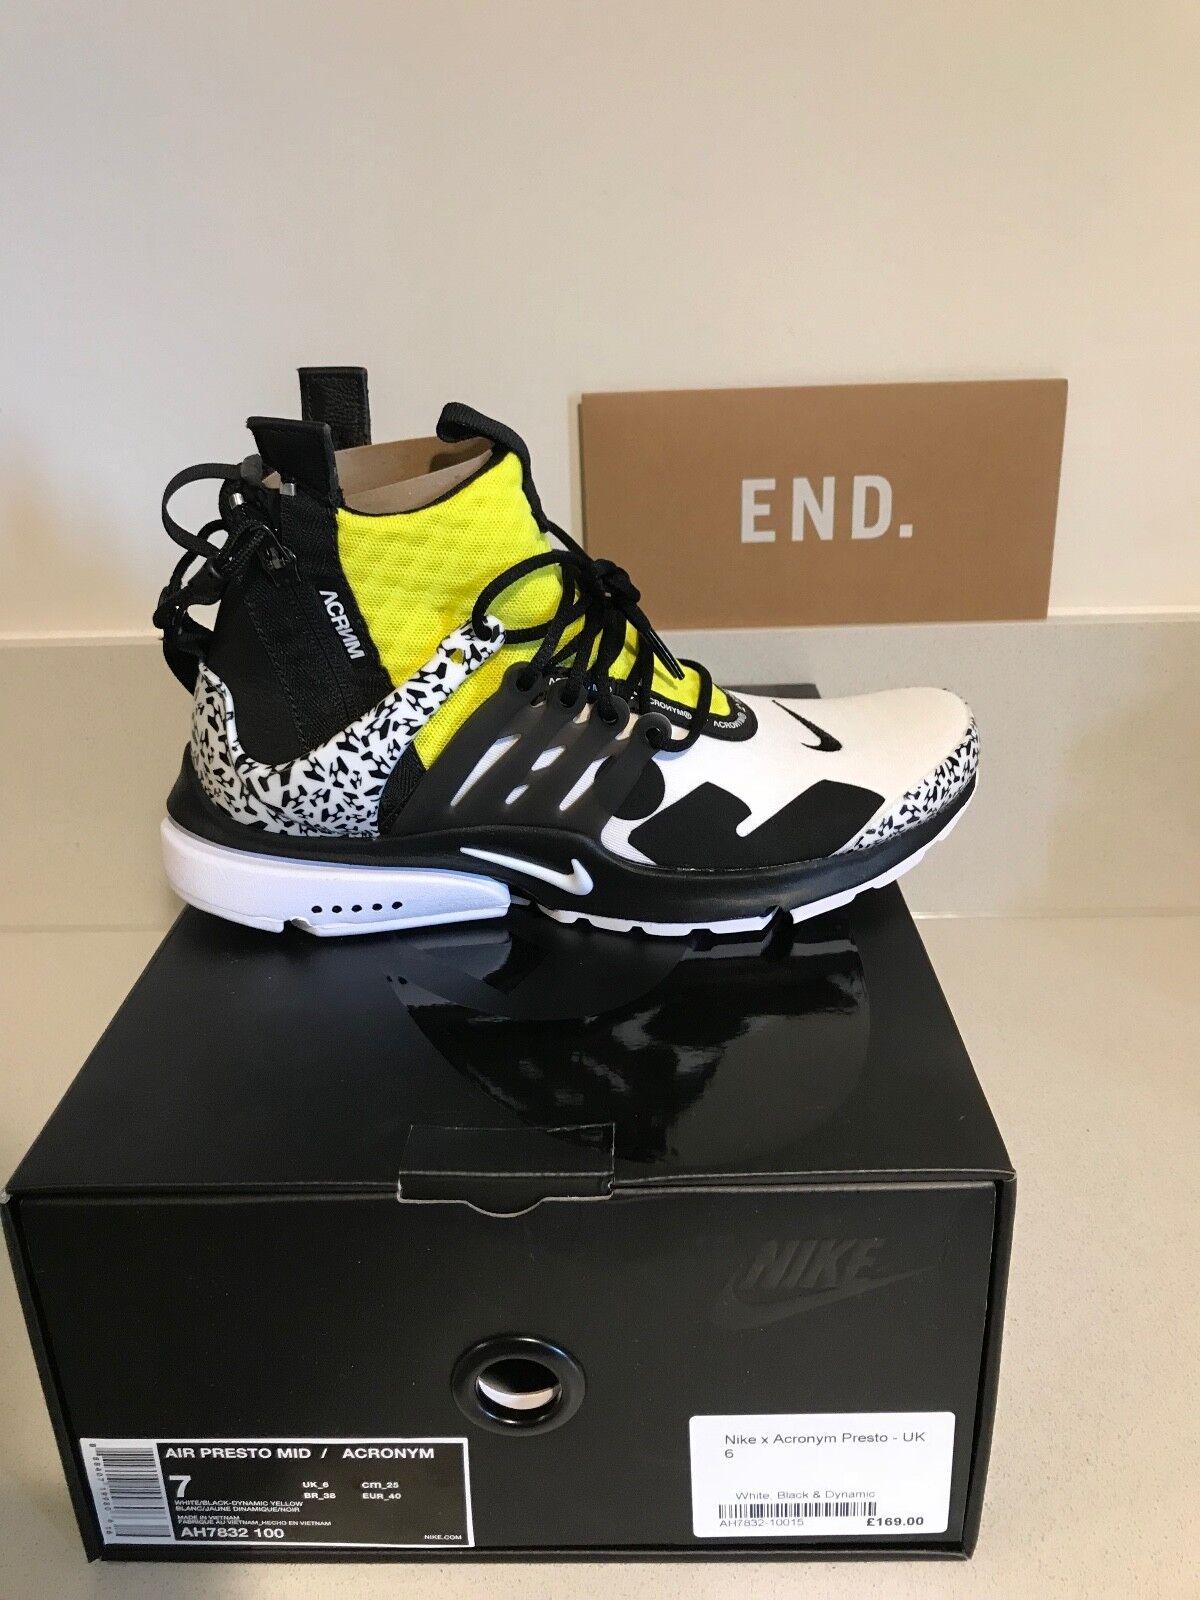 Nike Air Presto x acronimo dinamico Giallo Nero Bianco Uk 6 EUR 40 US 7 in mano